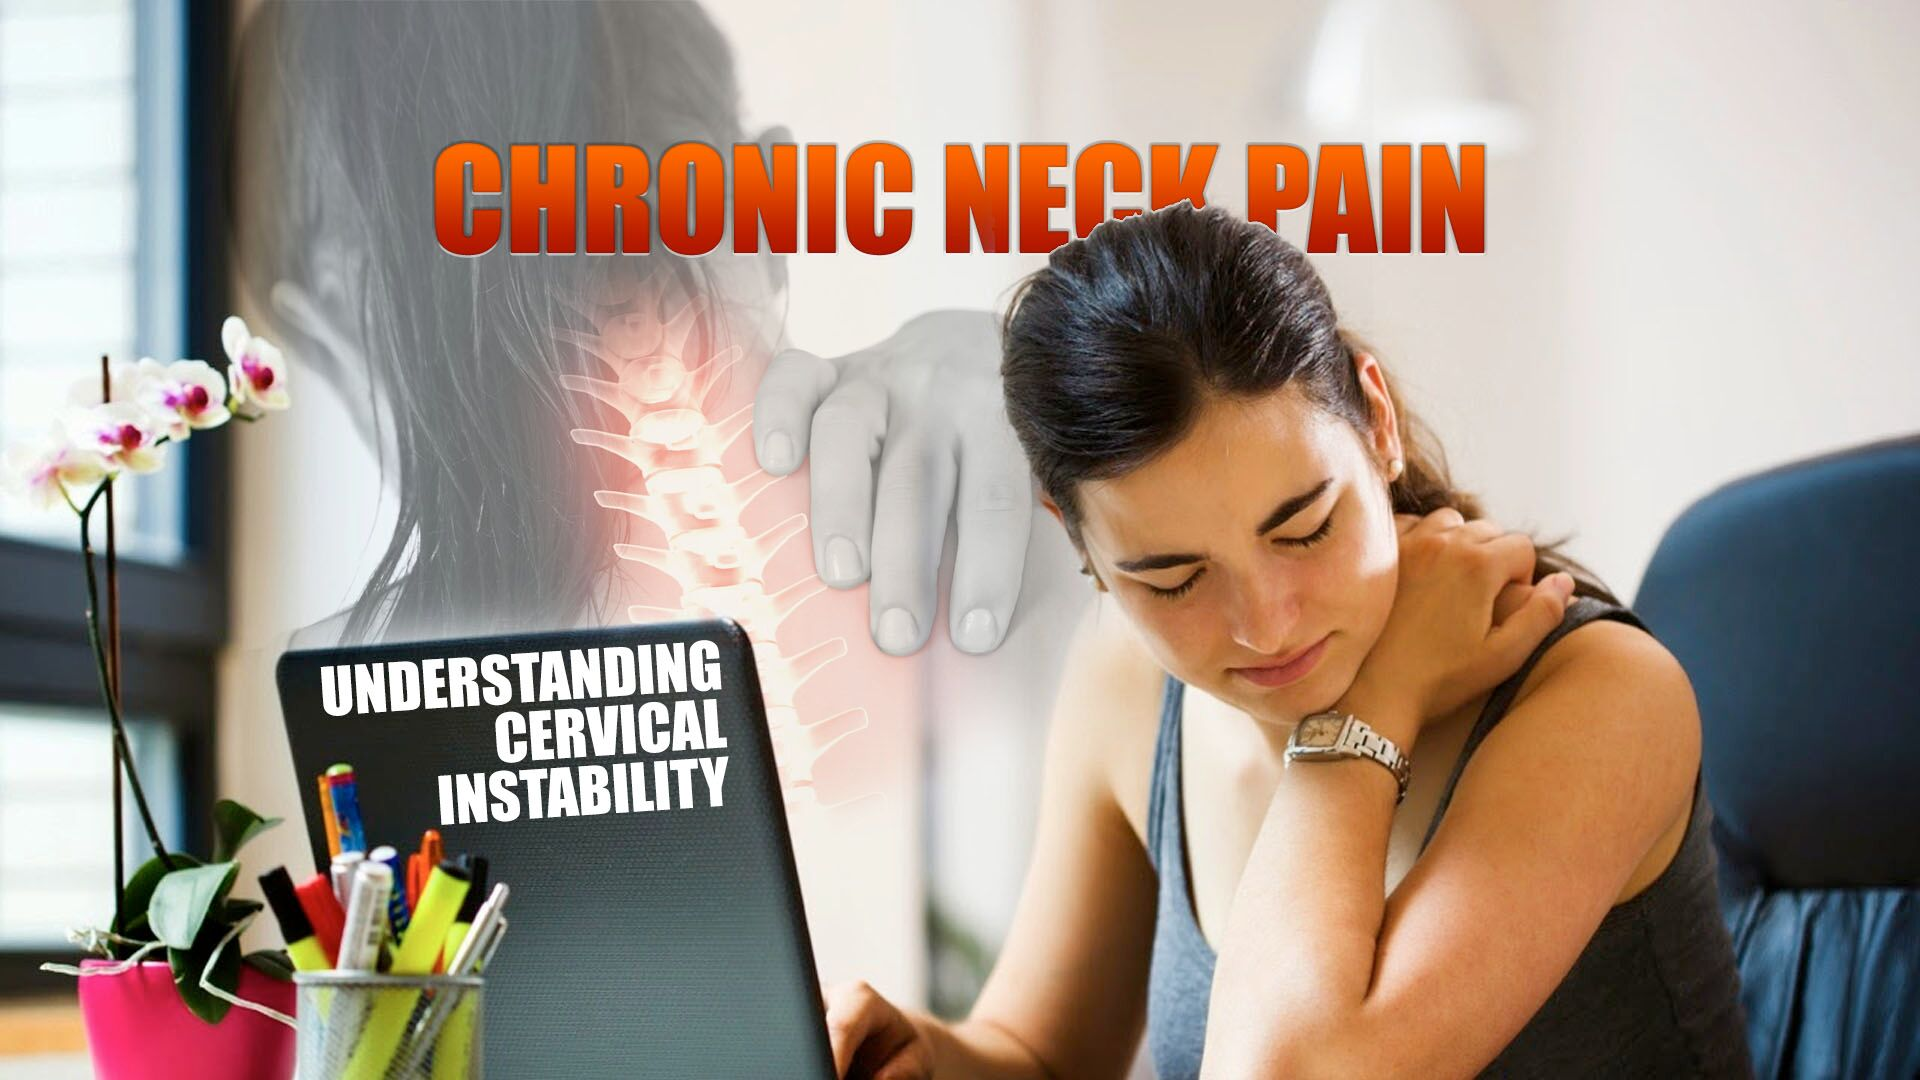 Dolor de cuello crónico | Entender la inestabilidad cervical | El ...